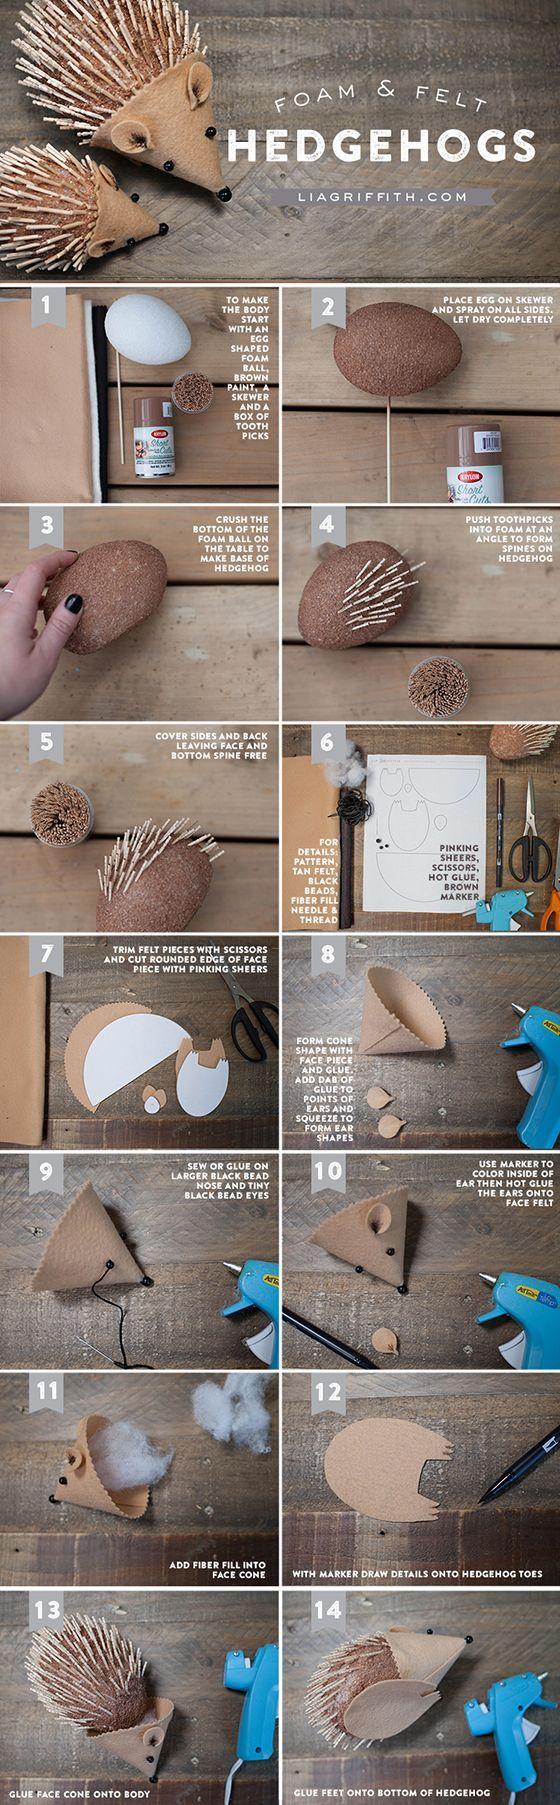 DIY Hedgehog for Kids to Craft